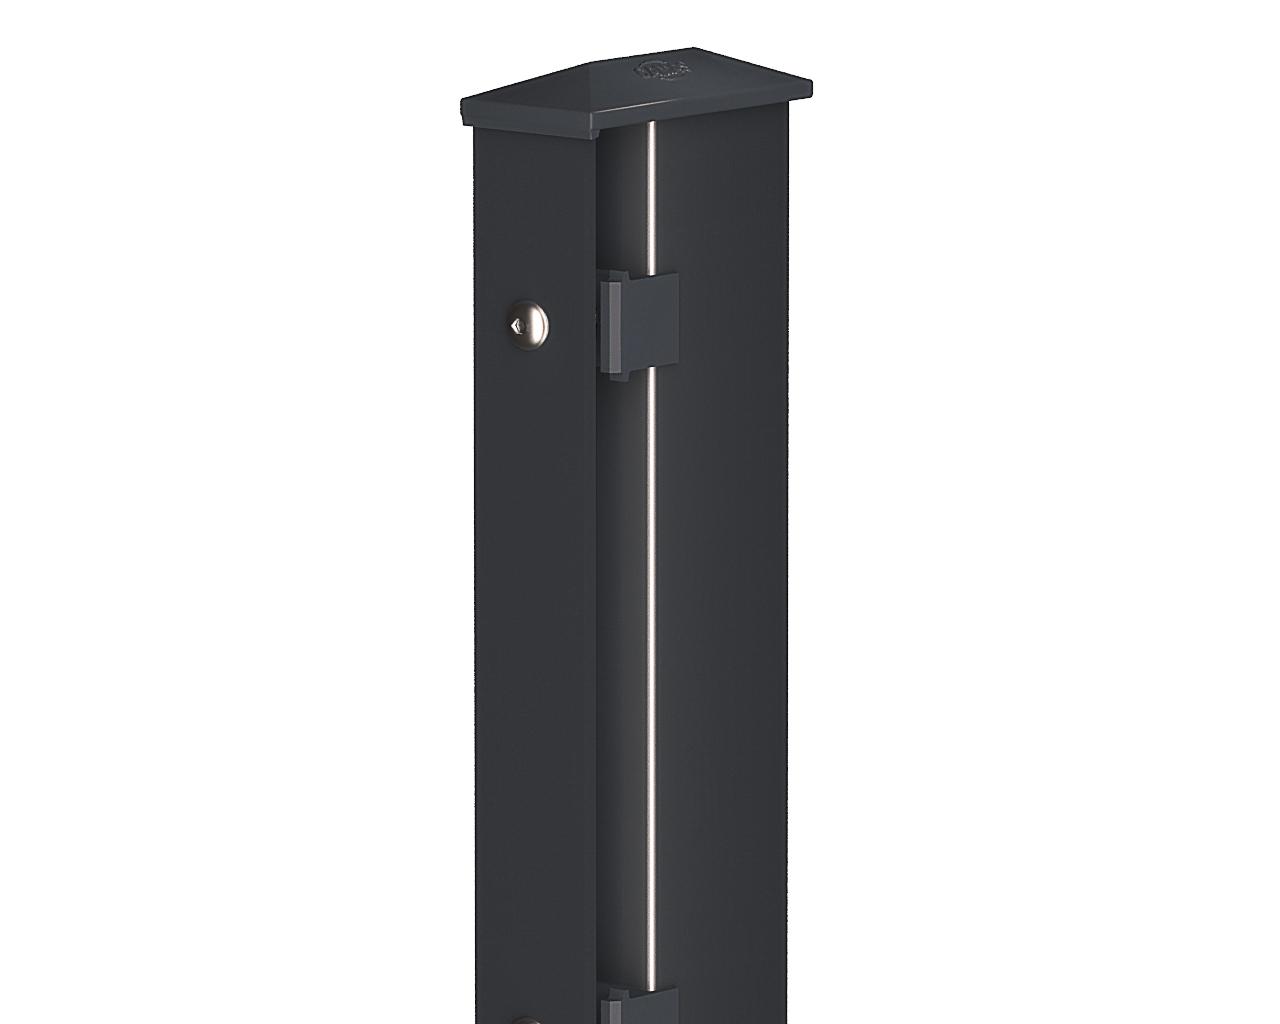 mycamas zaun direkt vom hersteller pfosten typ 1 anthrazit 1630 standard. Black Bedroom Furniture Sets. Home Design Ideas